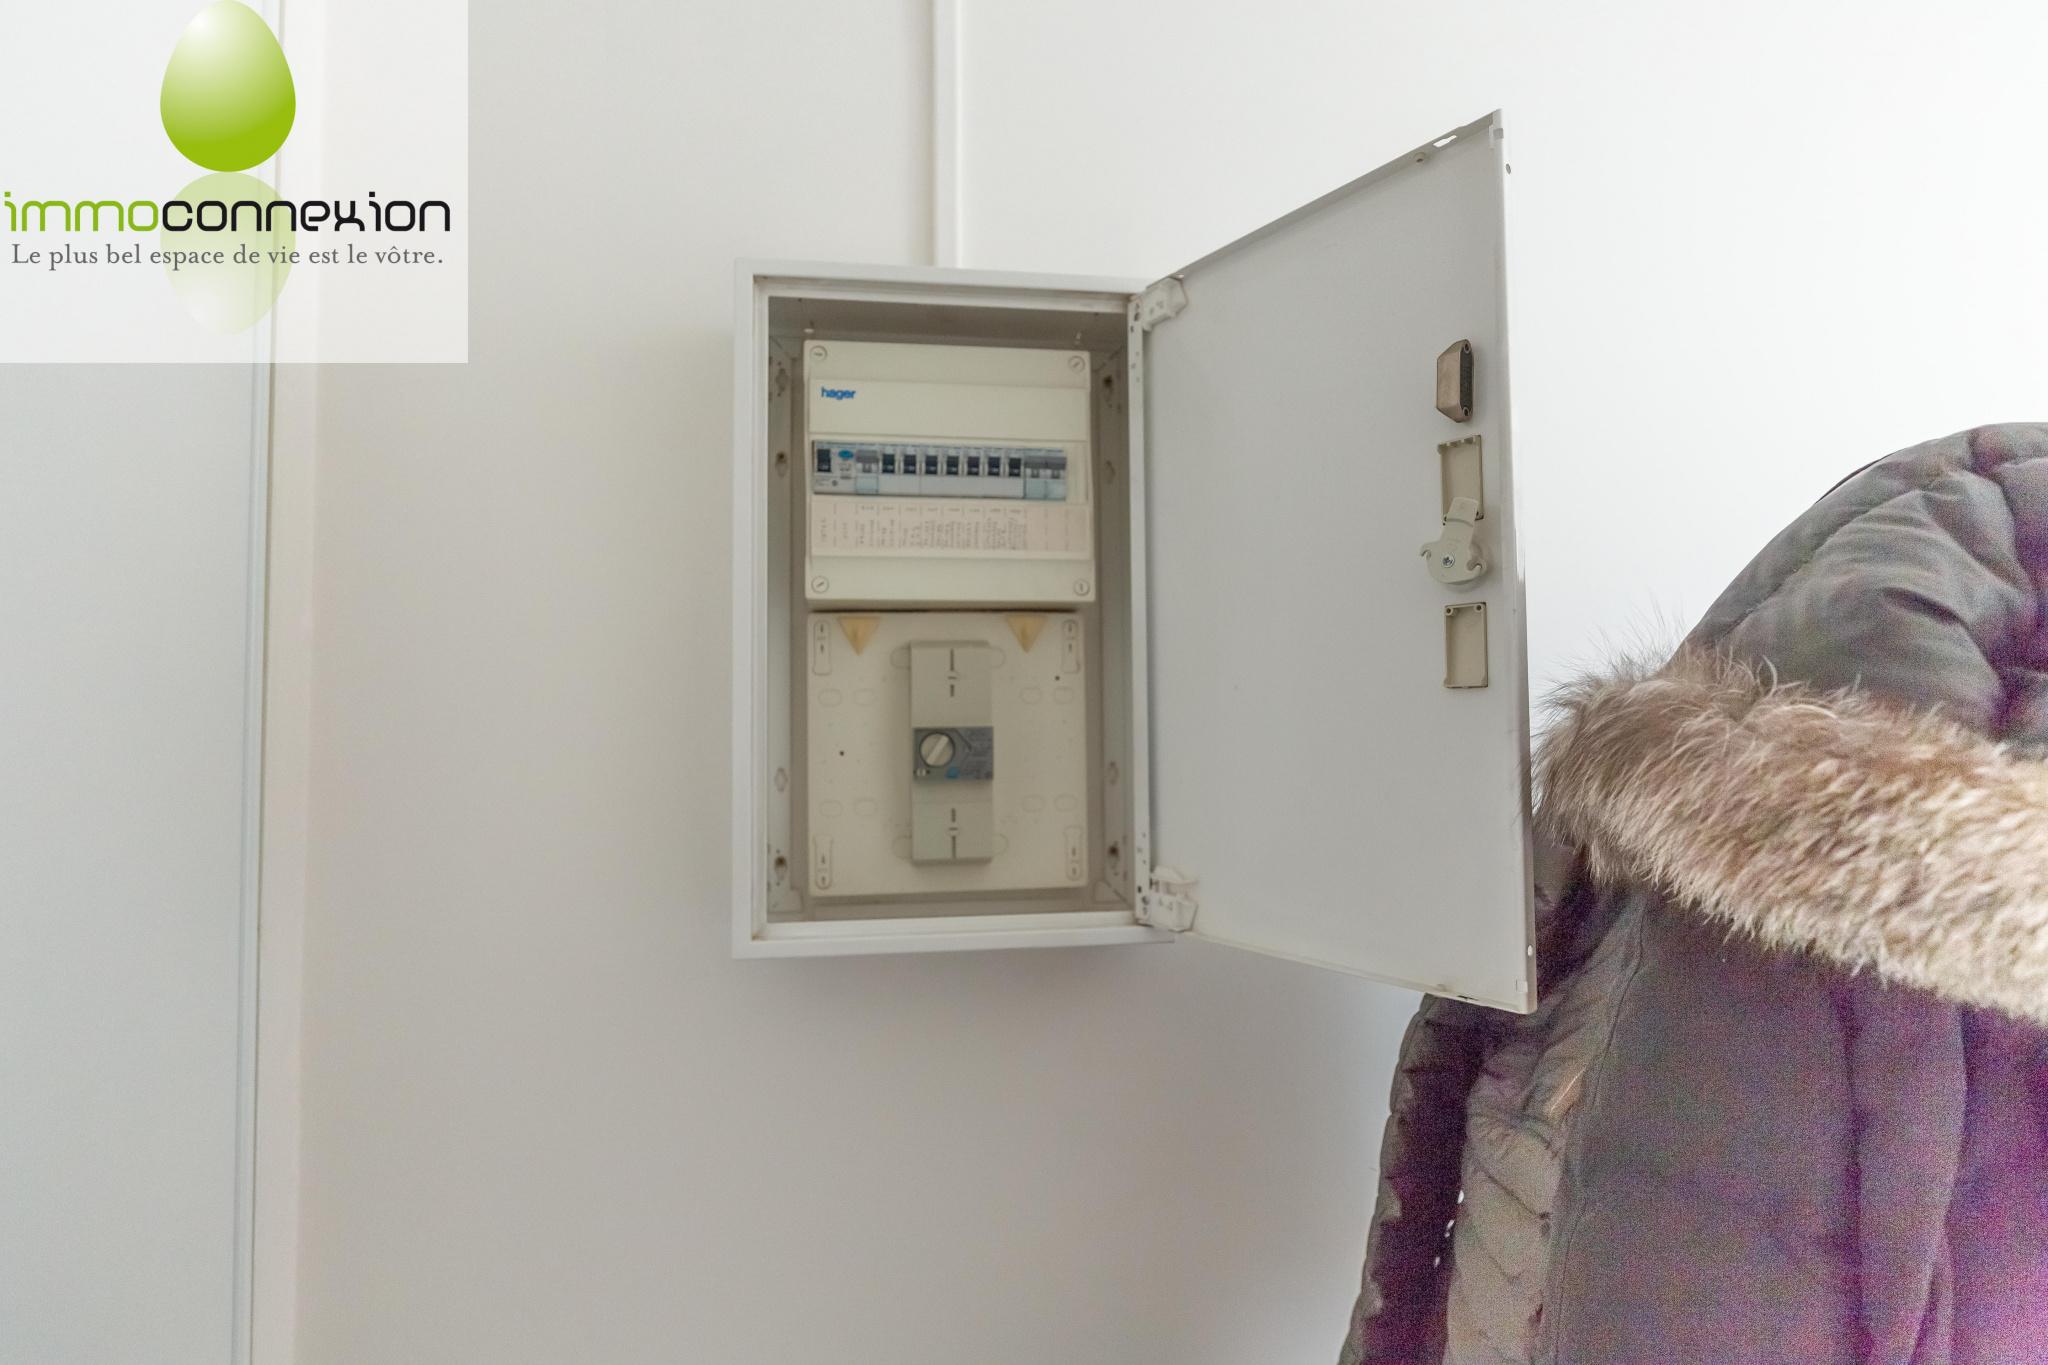 APPARTEMENT METZ SABLON TABLEAU ELECTRIQUE